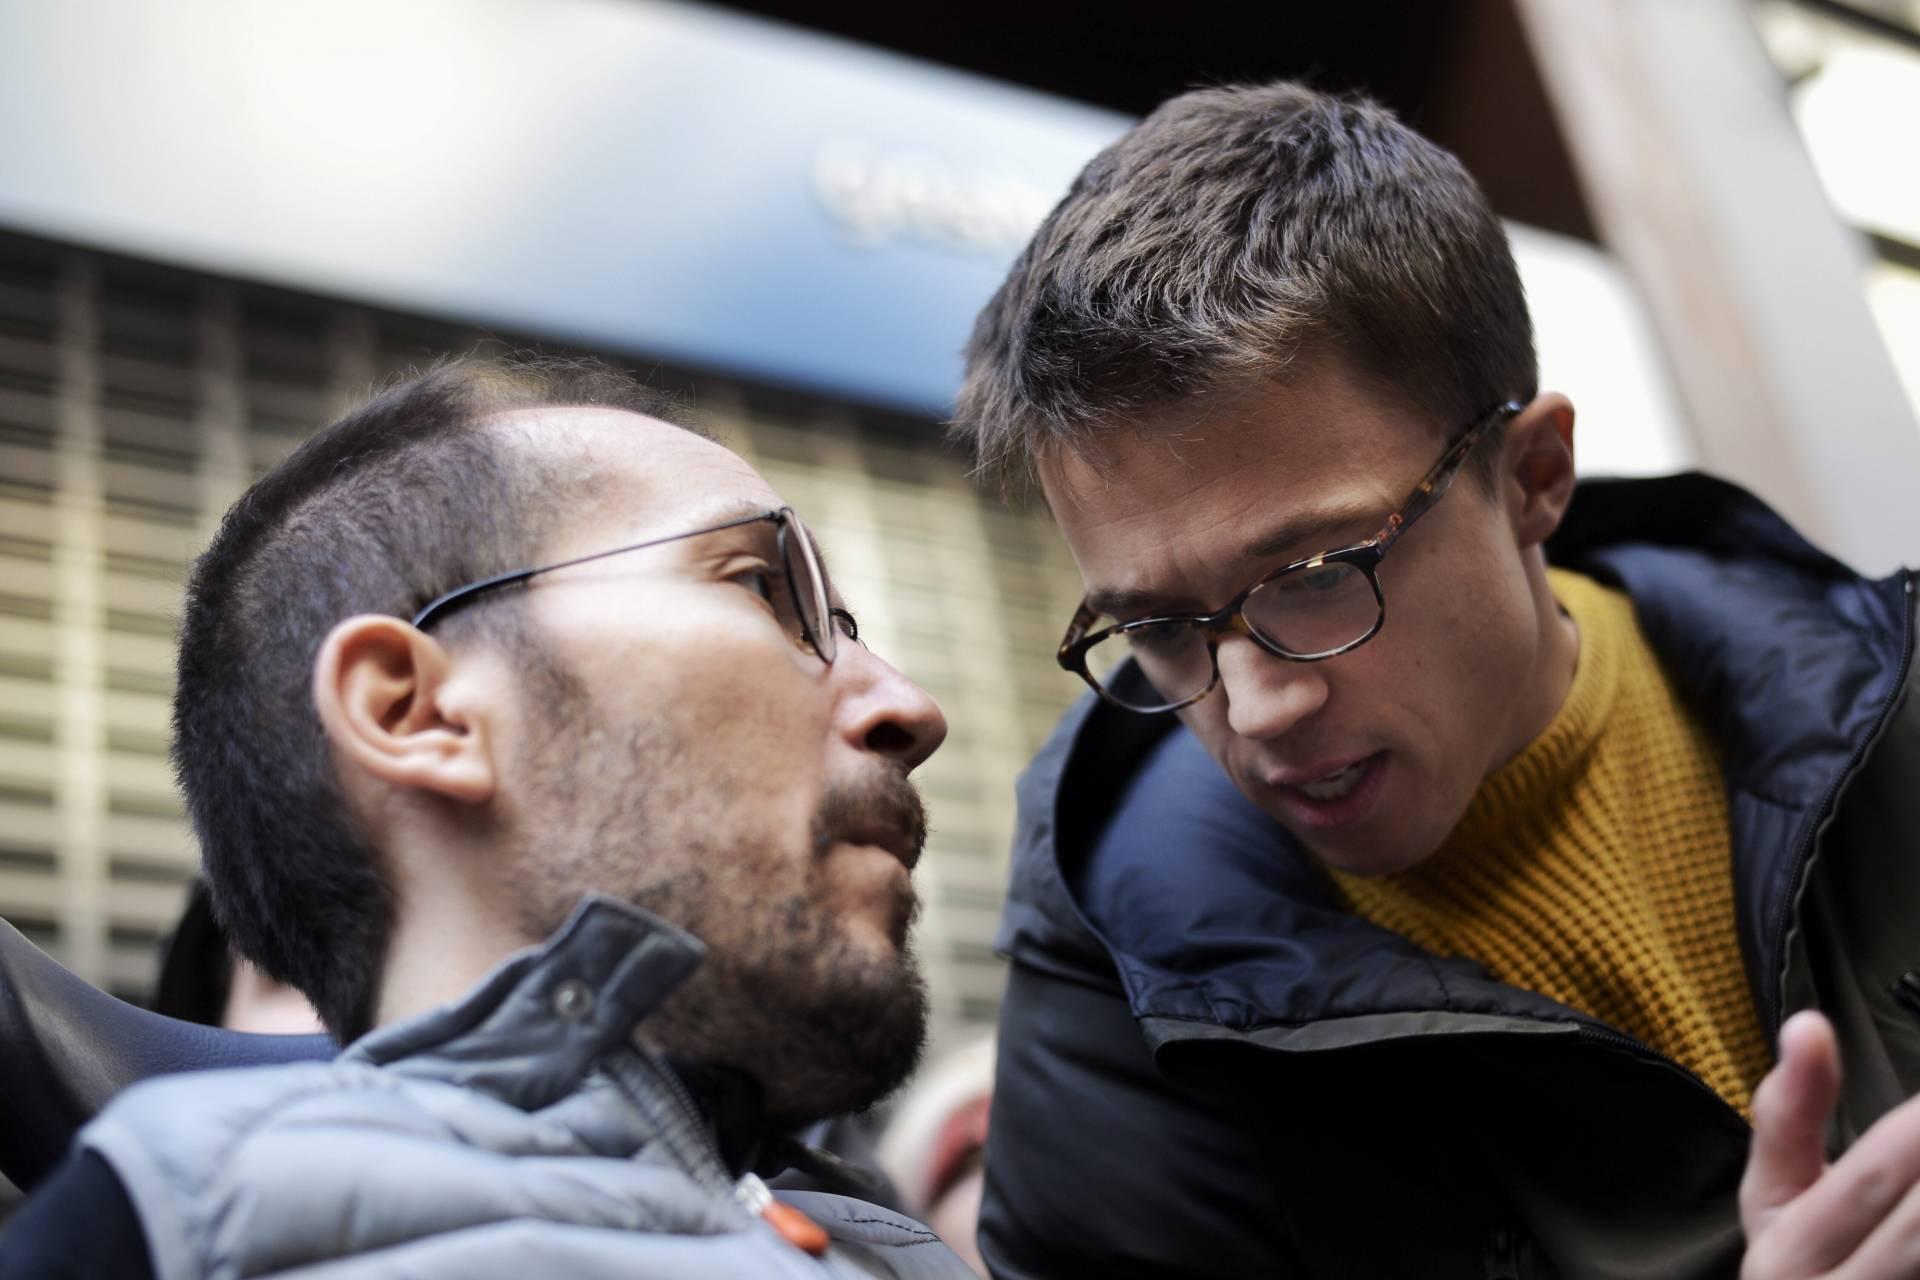 Pablo Echenique e Íñigo Errejón conversan, este sábado, durante un acto de protesta contra la pobreza energética.